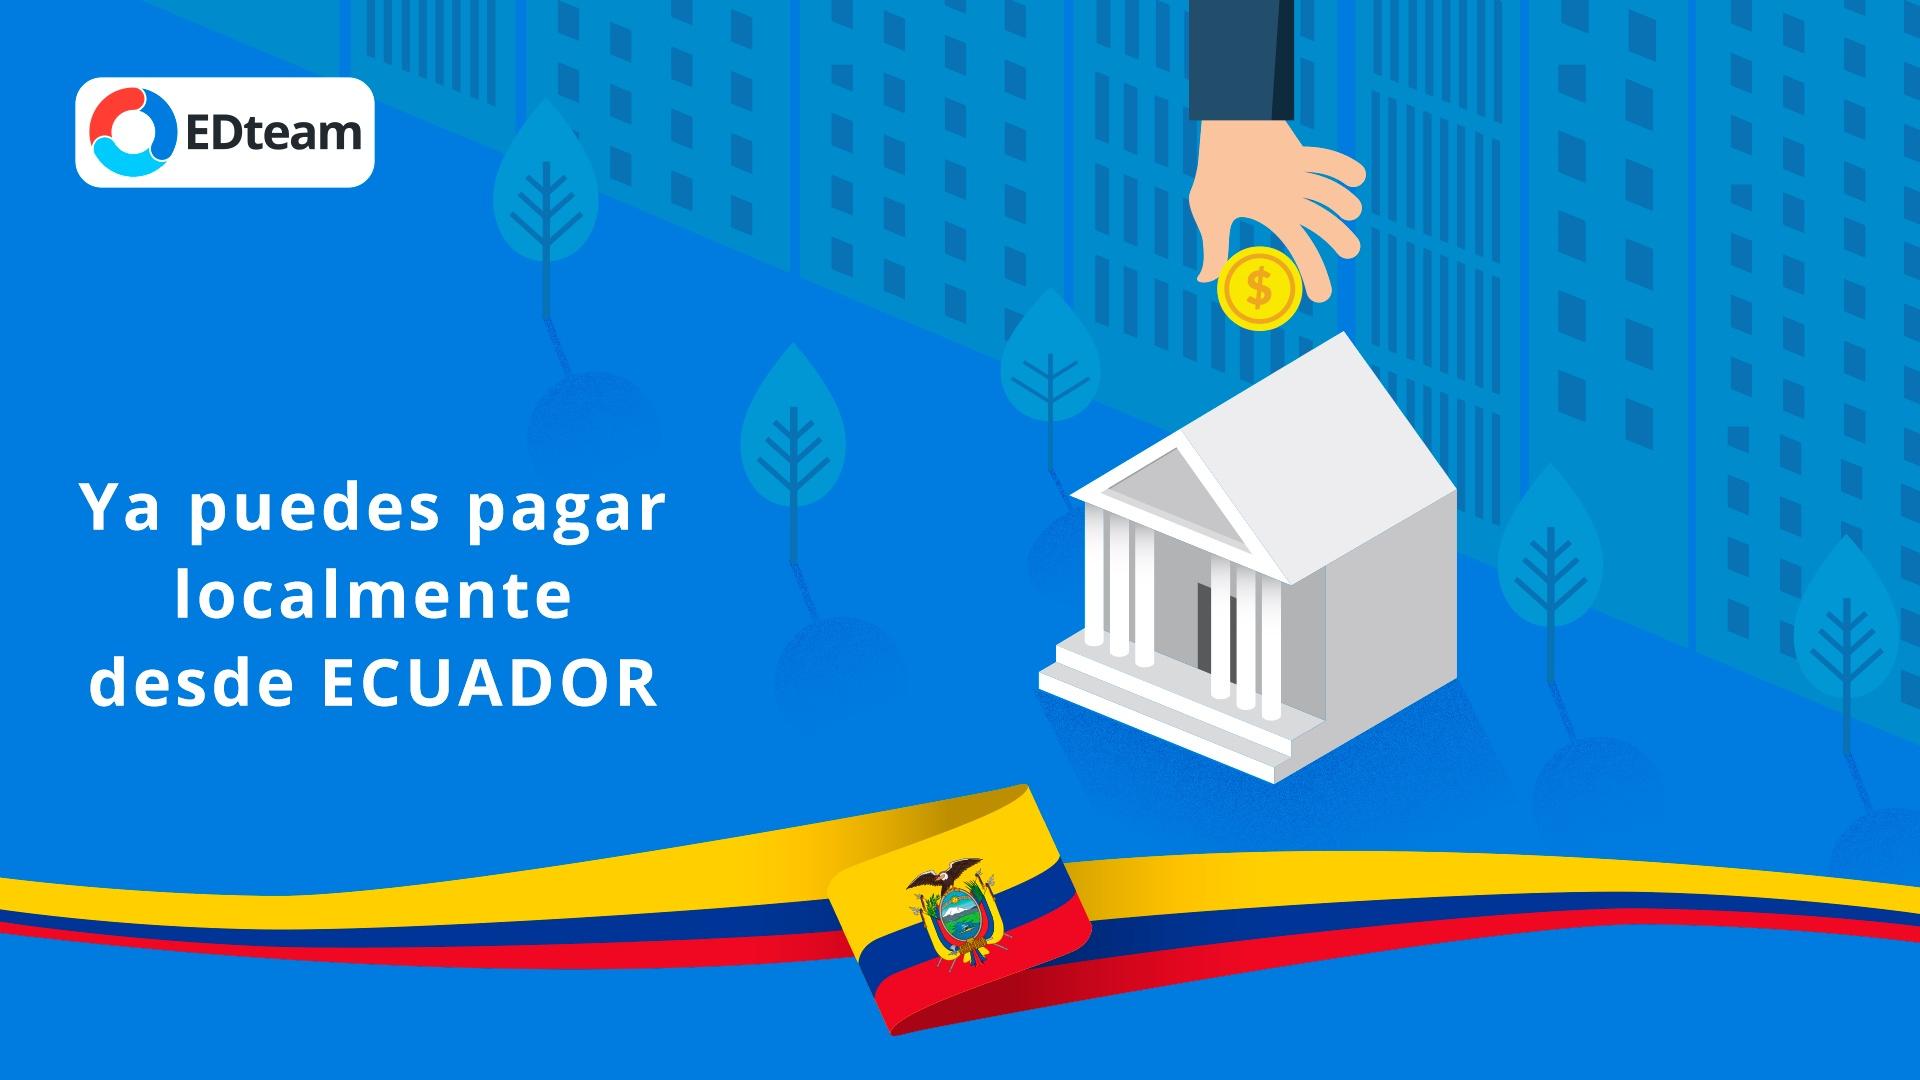 Bienvenido Ecuador y resto del mundo a EDteam